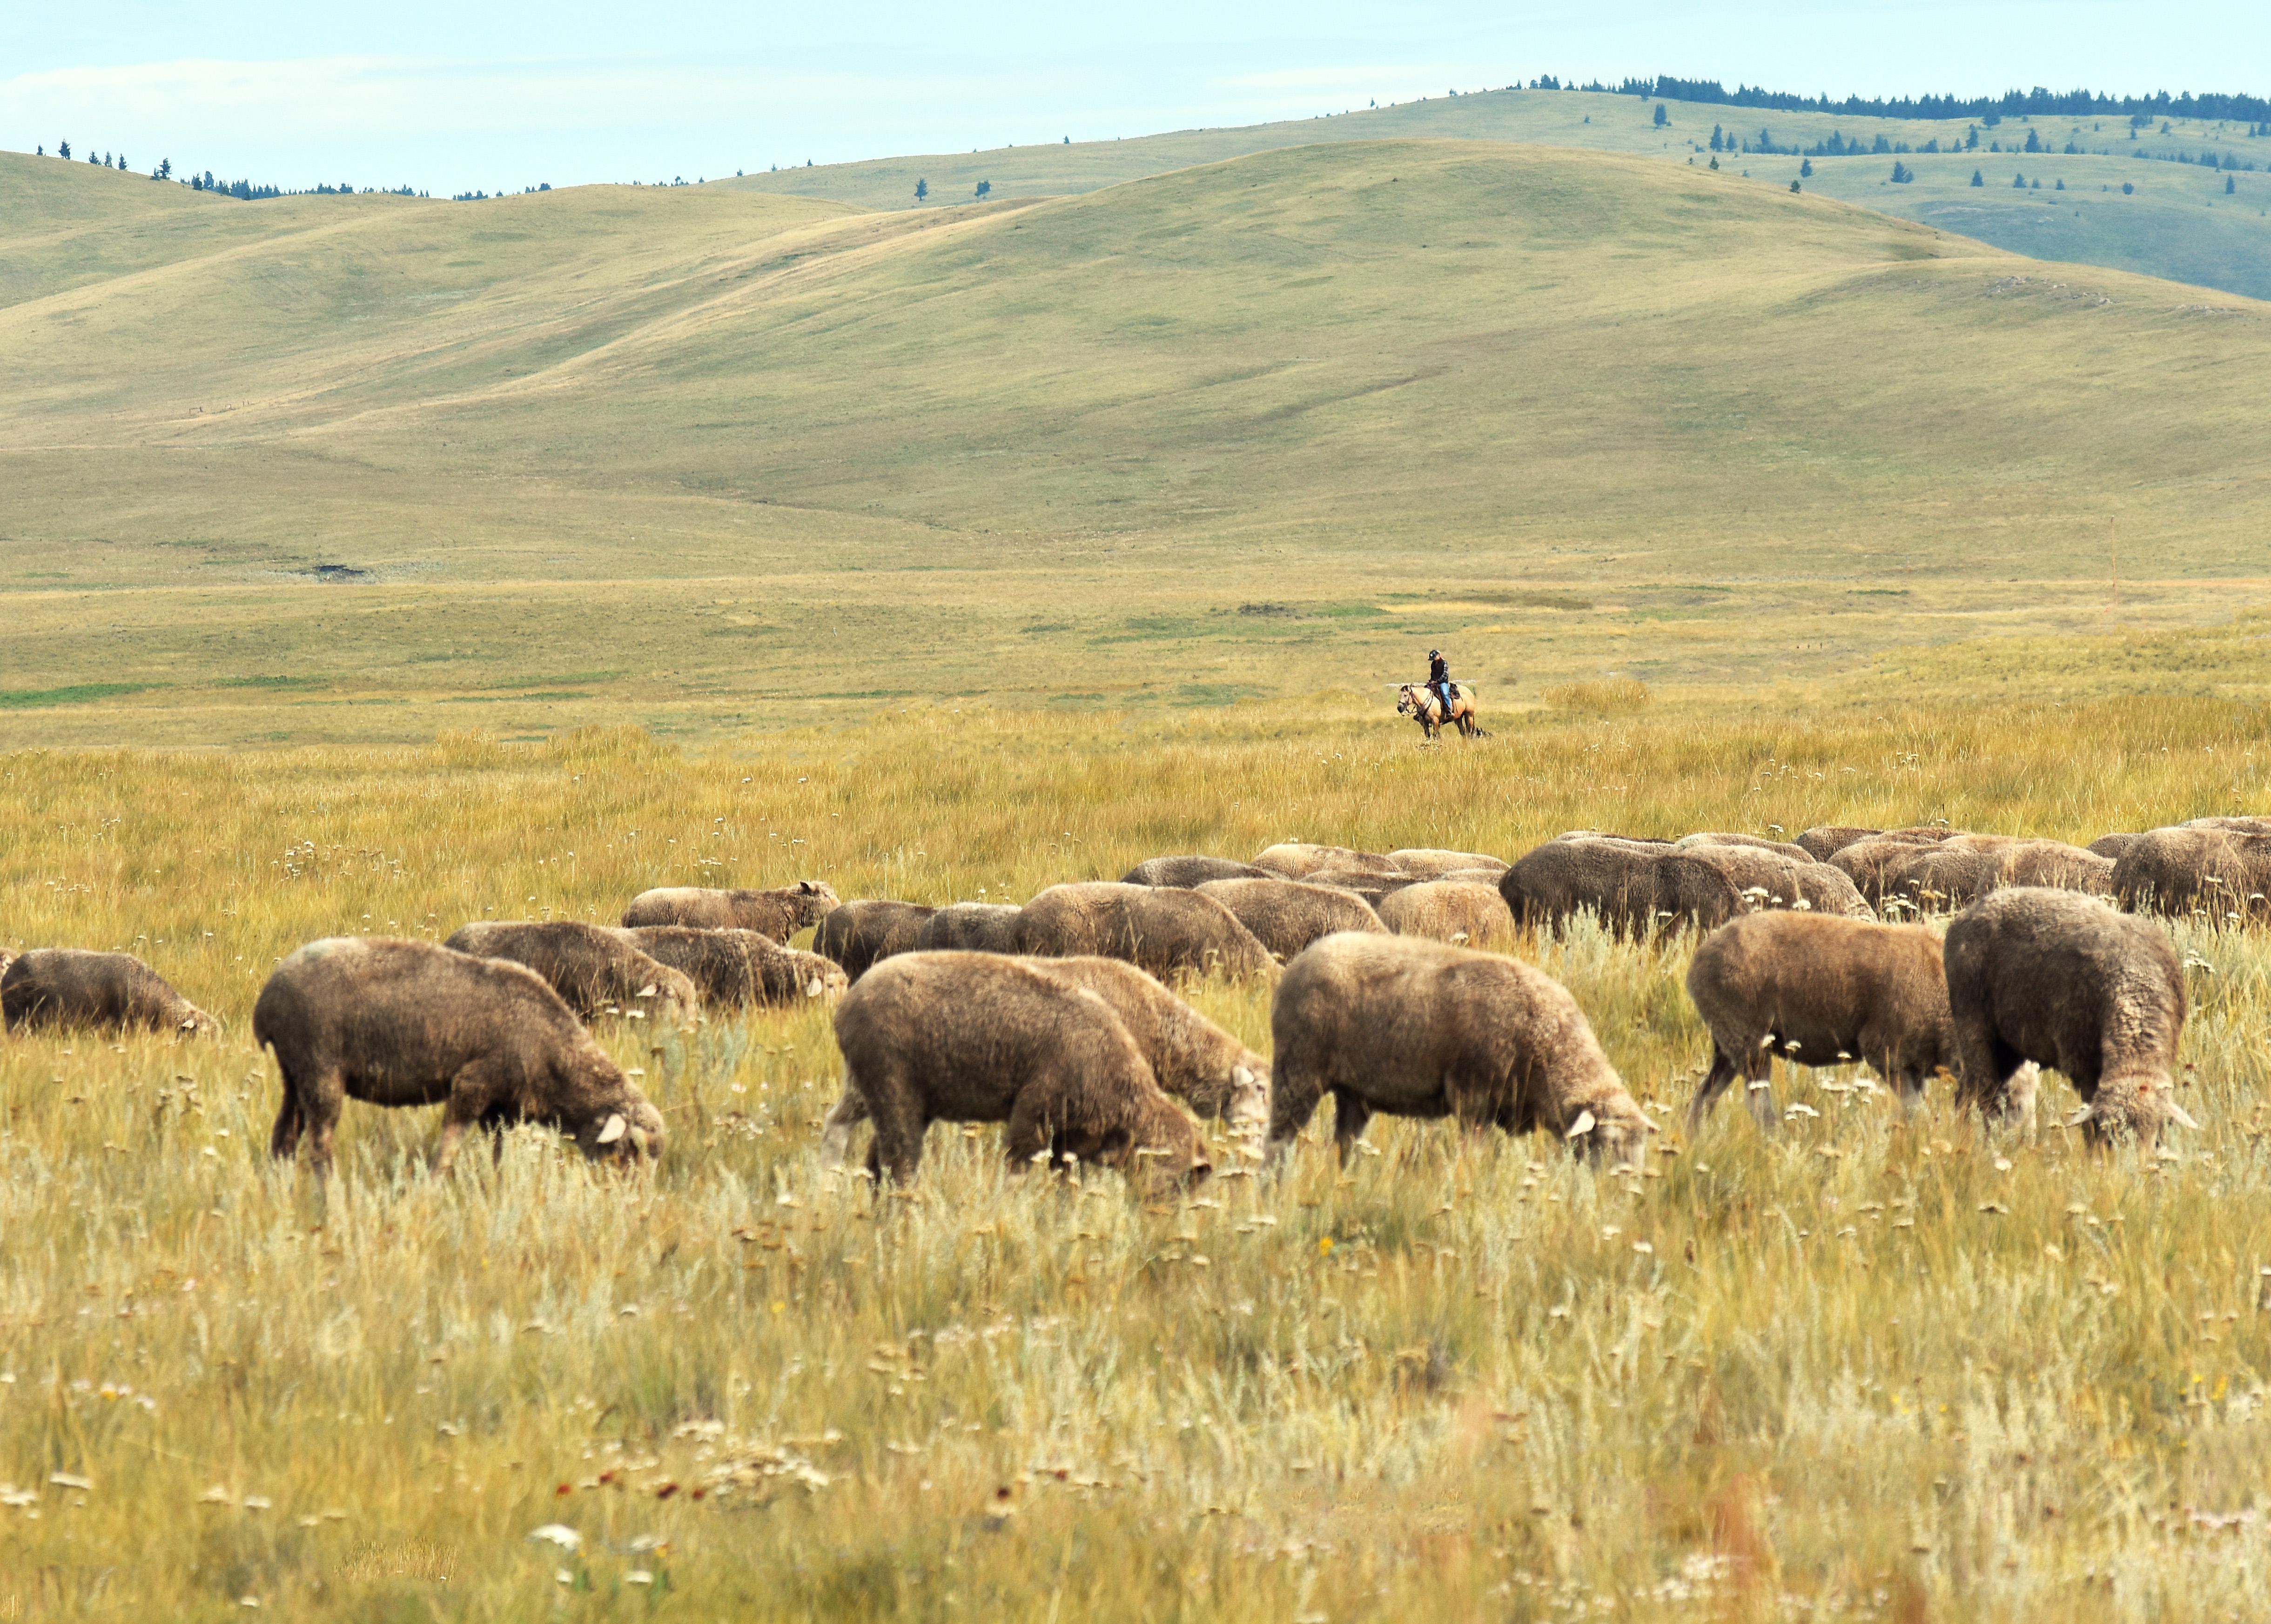 horseback shepherd shee cowboy trail crop DSC_0122